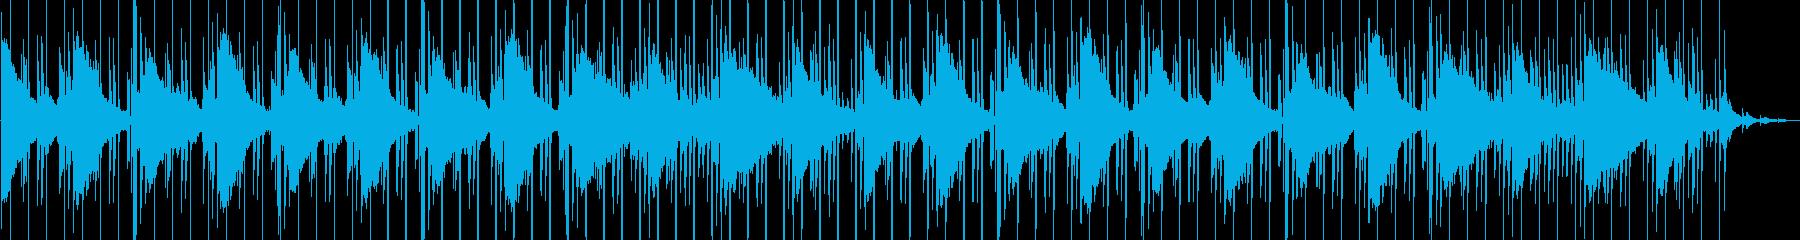 雨(Lo-Fi・おしゃれ・都会的・夜)の再生済みの波形